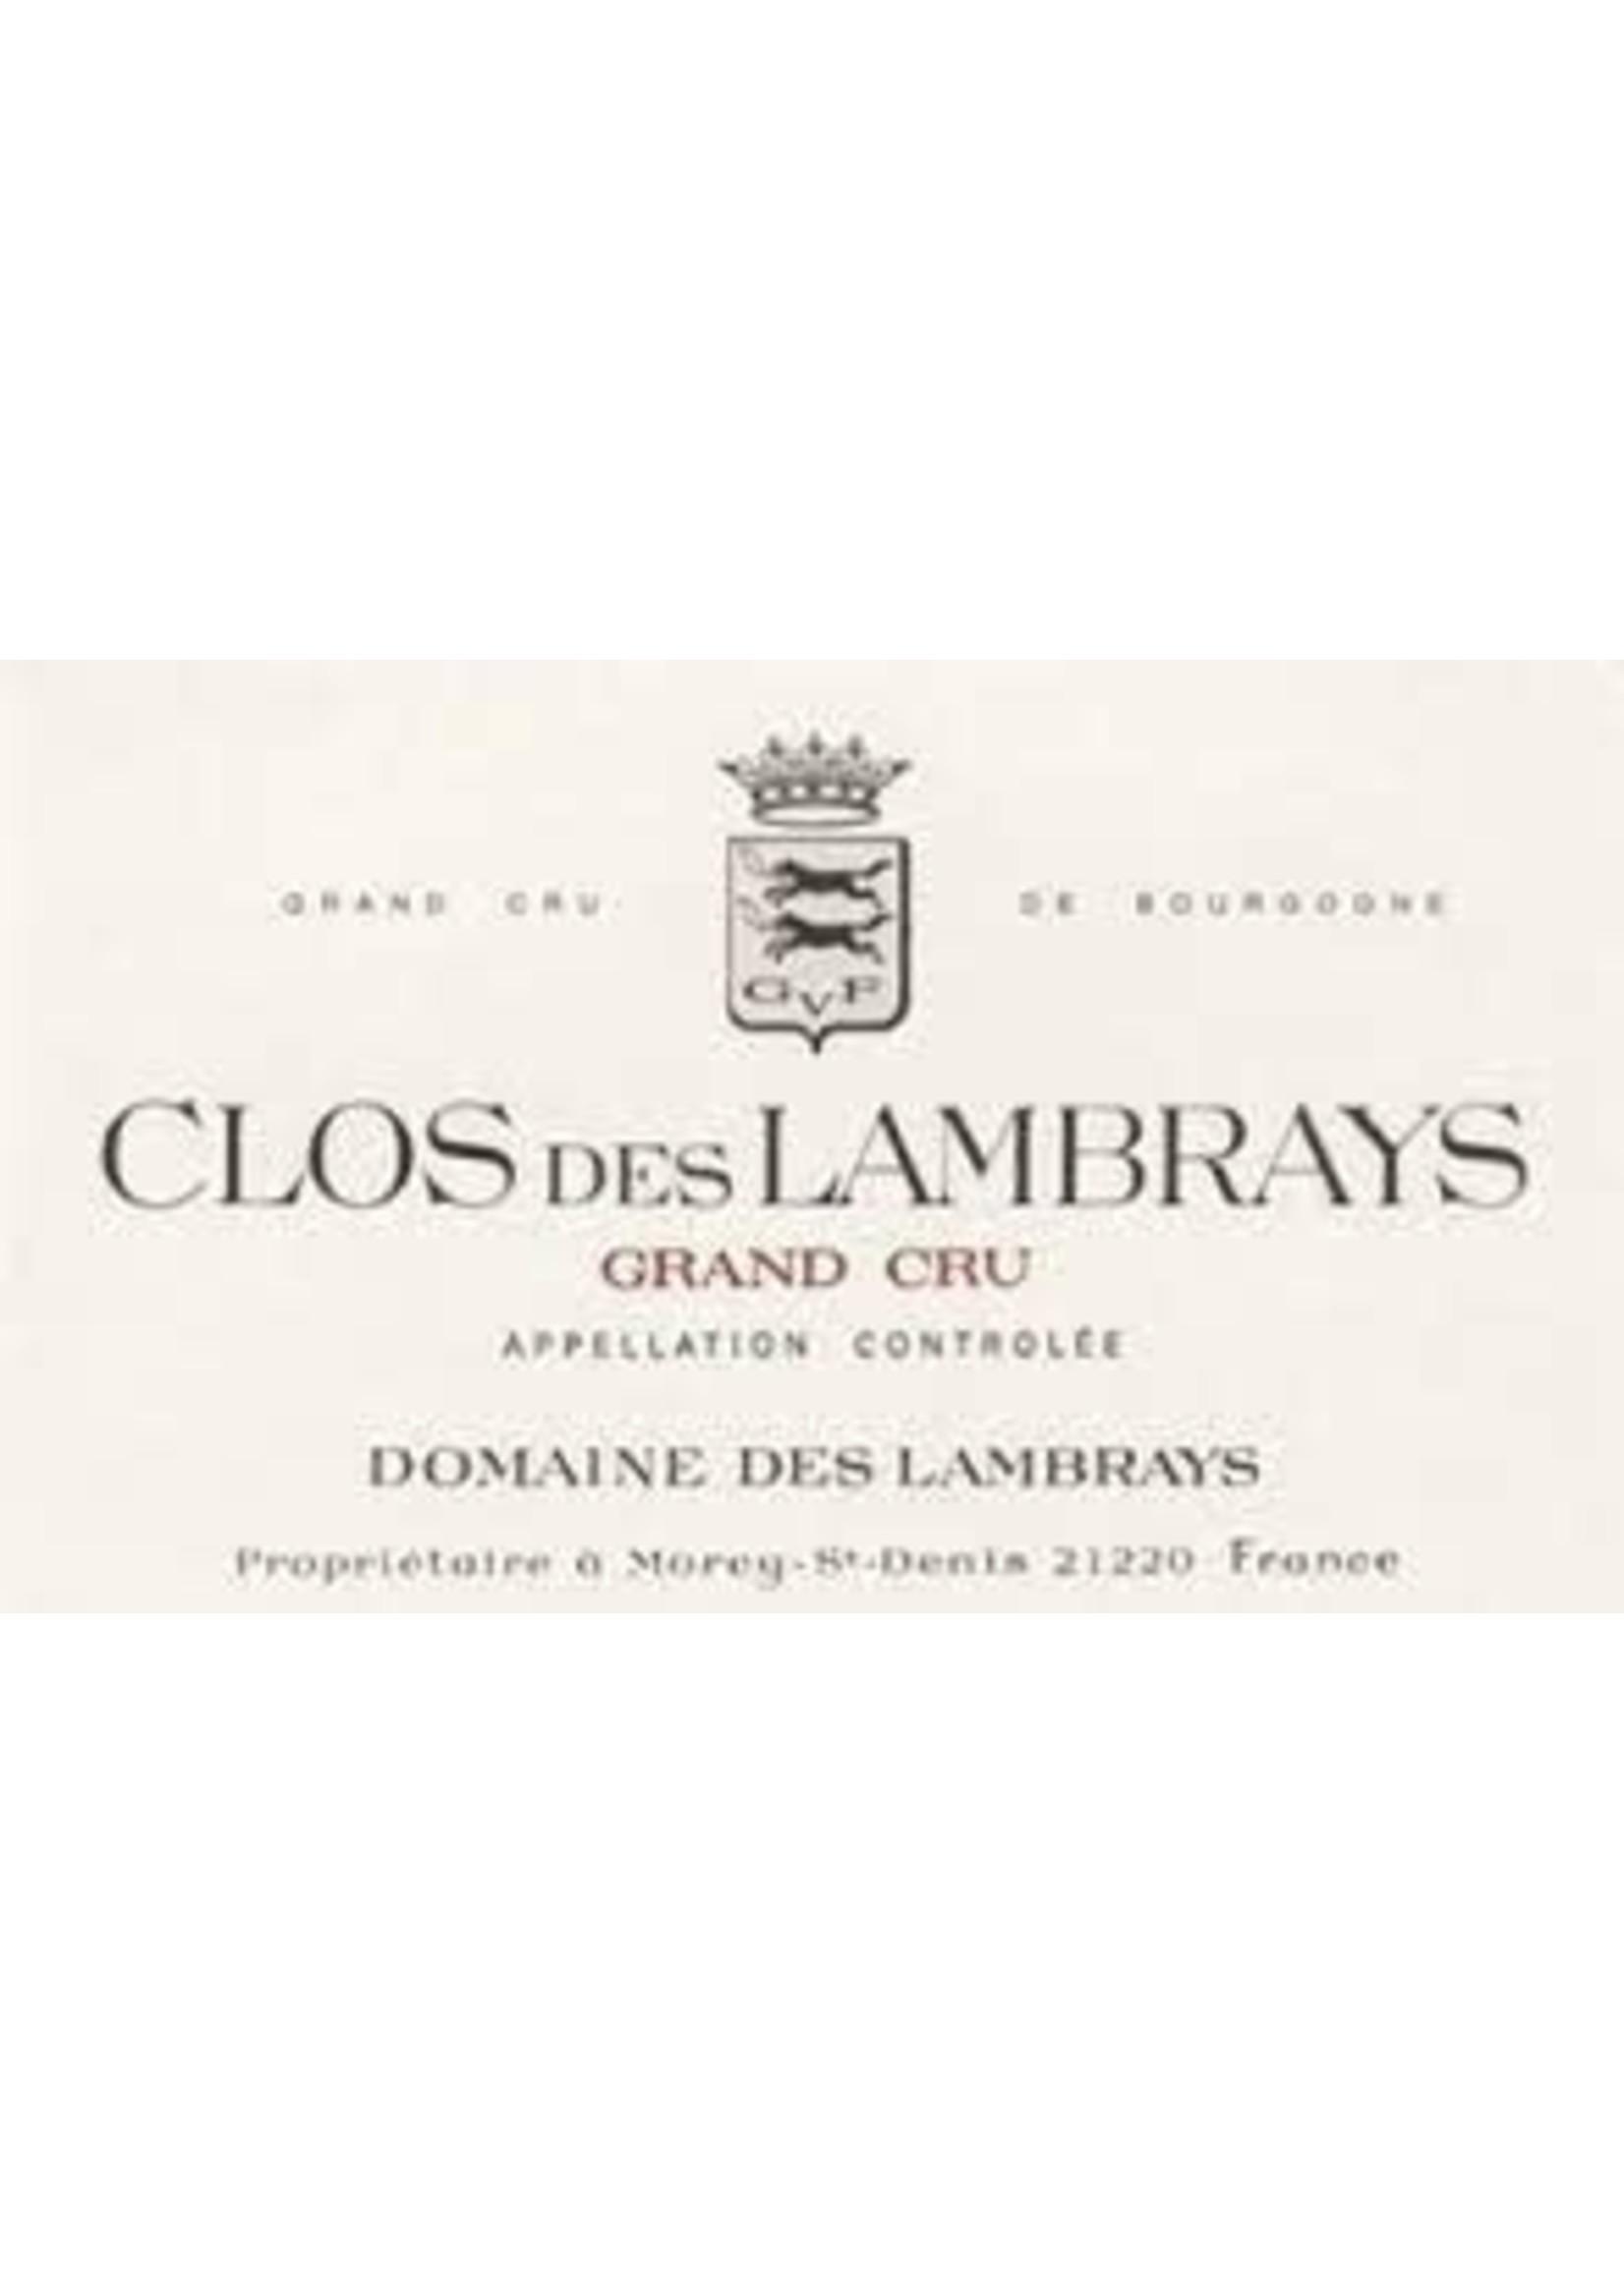 Domaine des Lambrays 2015 Clos des Lambrays Grand Cru 750ml [PRE-ARRIVAL]